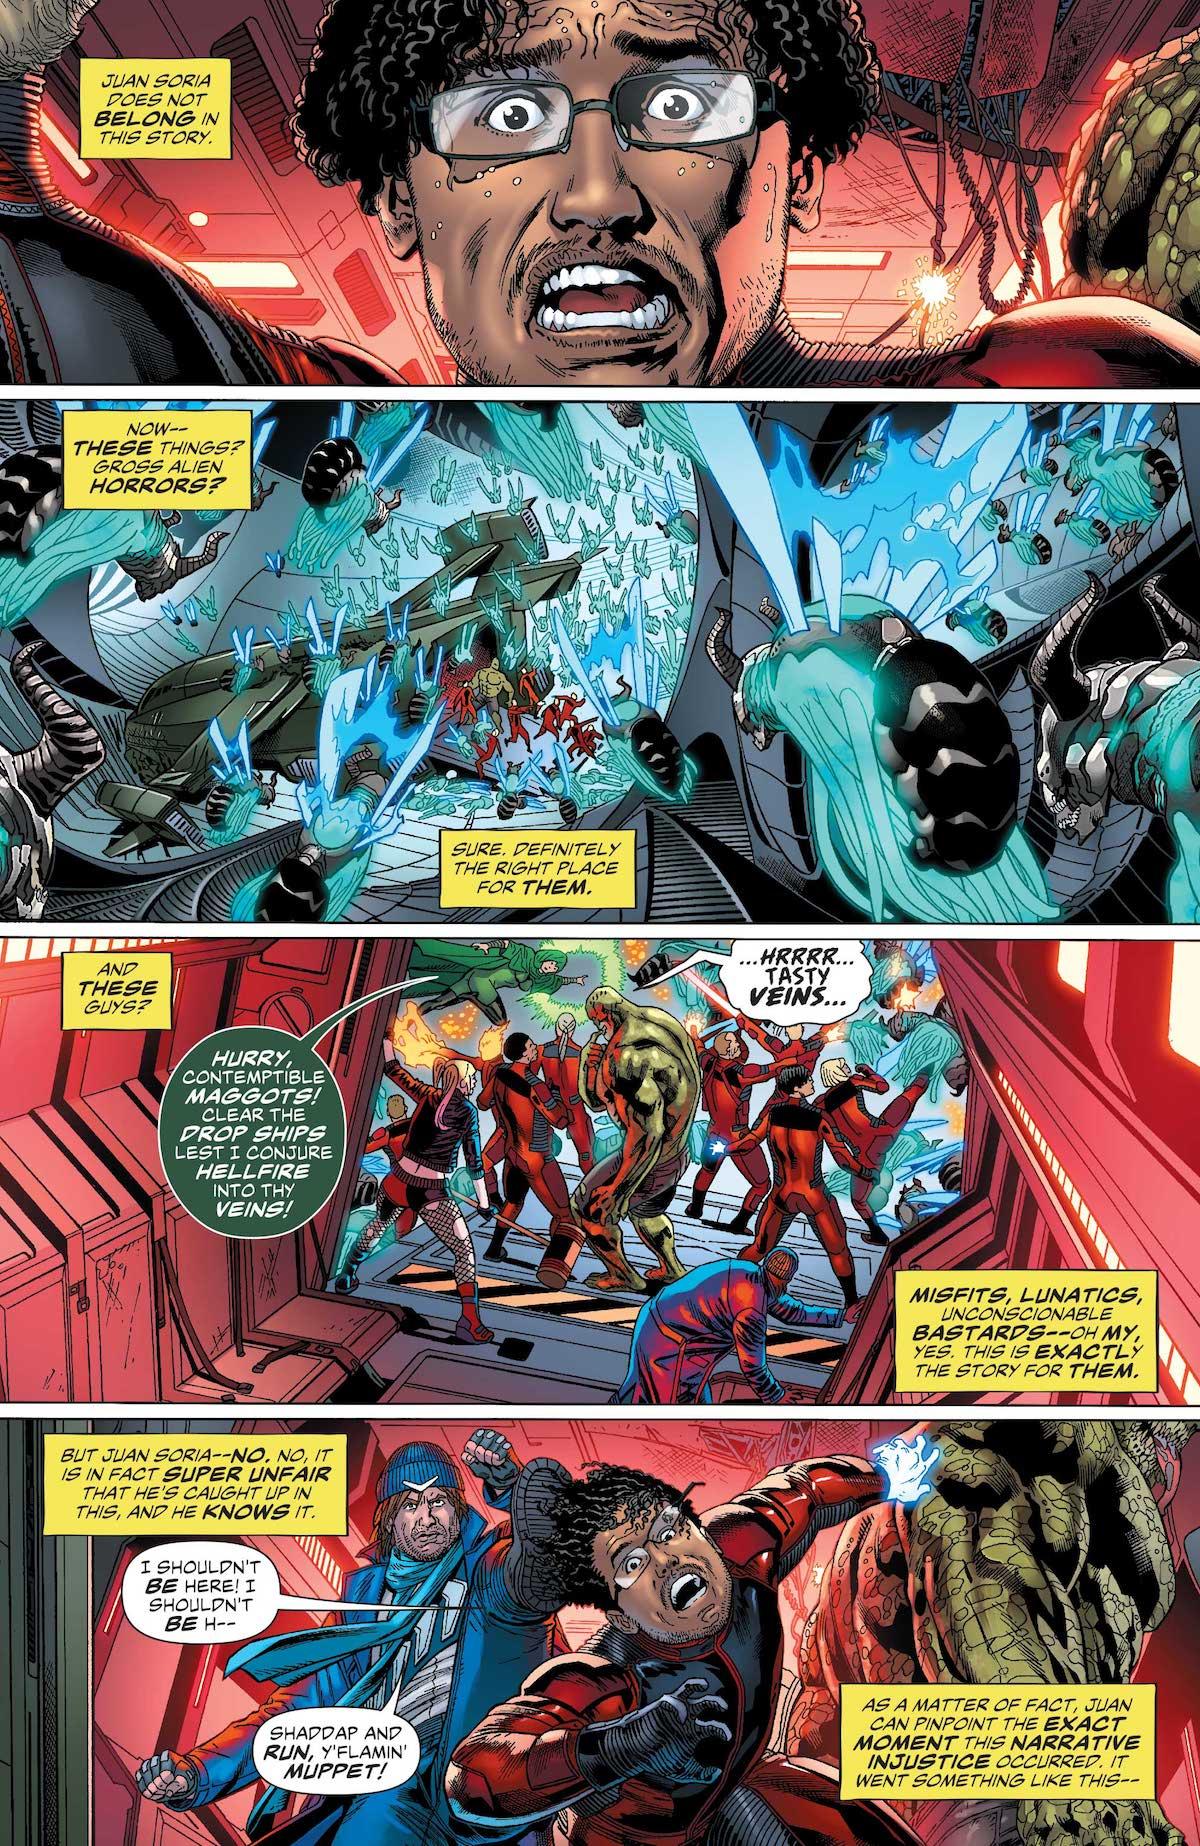 Suicide Squad #33 page 1